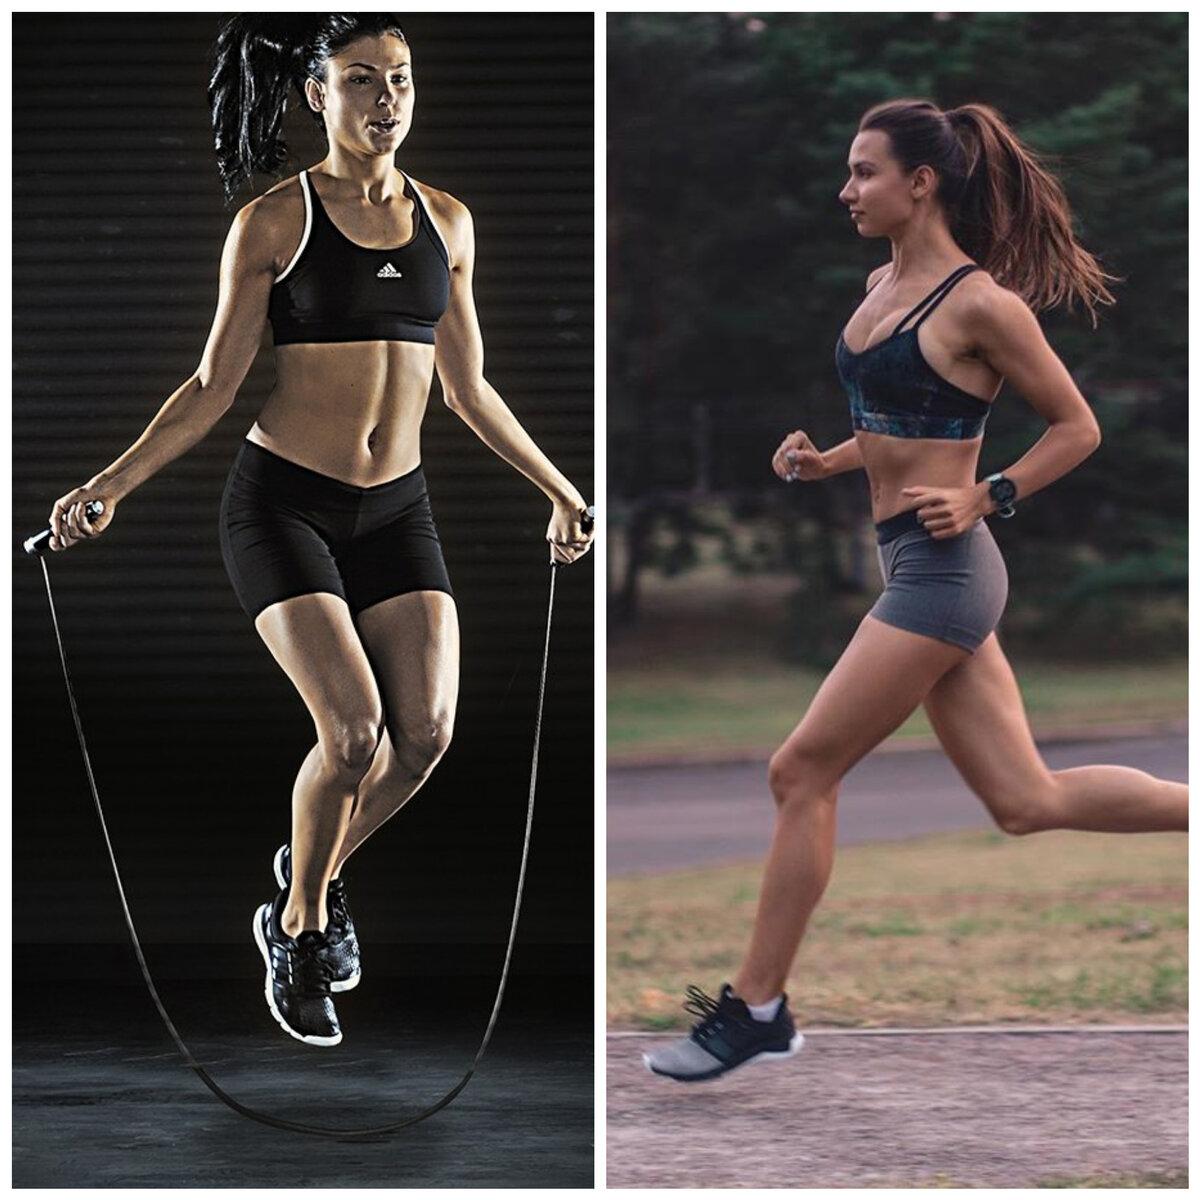 Скакалка для похудения живота и боков: как правильно и сколько прыгать